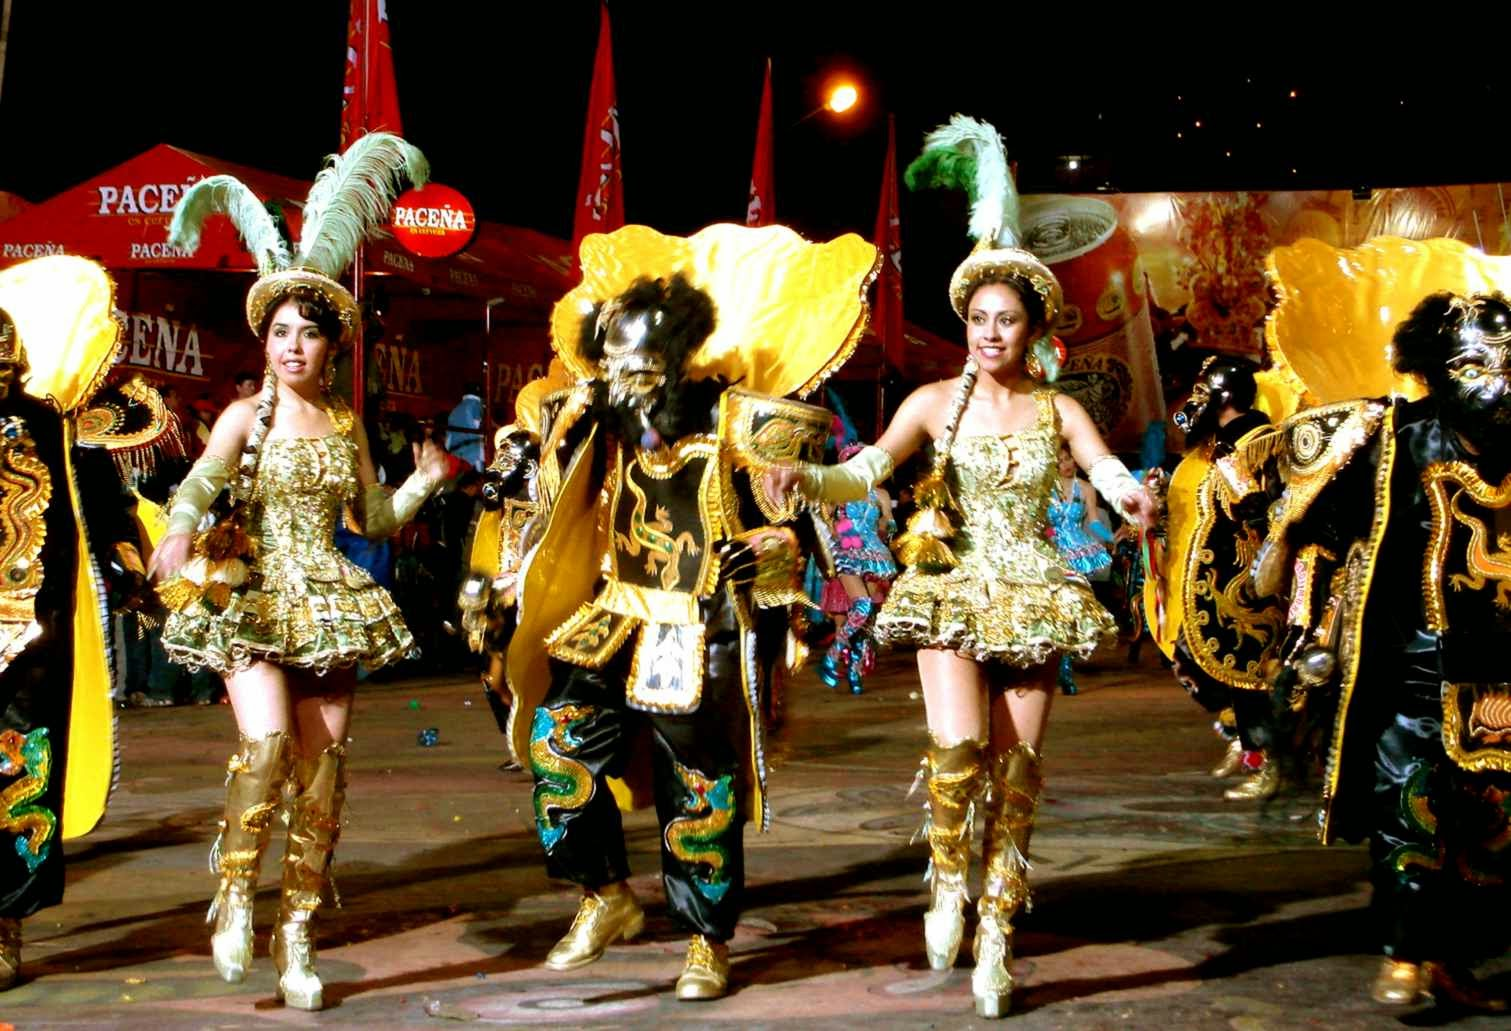 danzas bolivianas chicas DANZA LA MORENADA DE PUNO (RESEÑA HISTORICA)